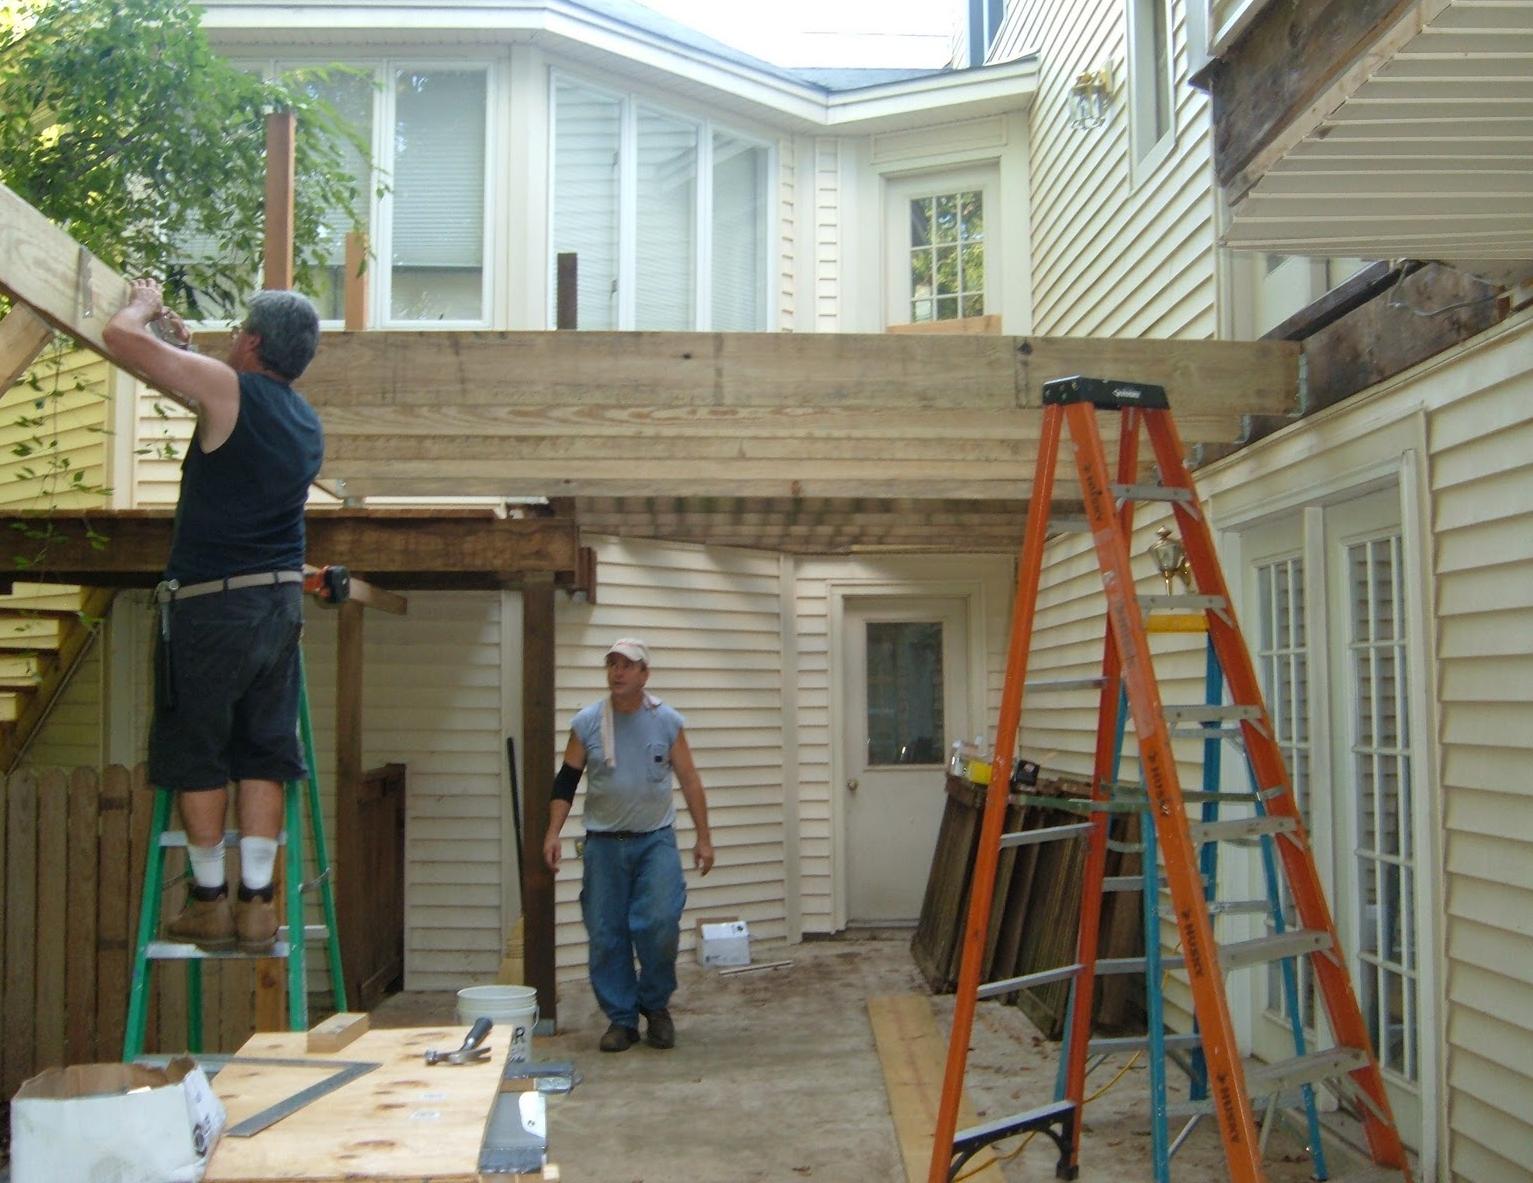 Làm mới nhà kiểu cũ bằng hình thức sửa chữa sẽ tiết kiệm hơn so với khi xây lại nhà